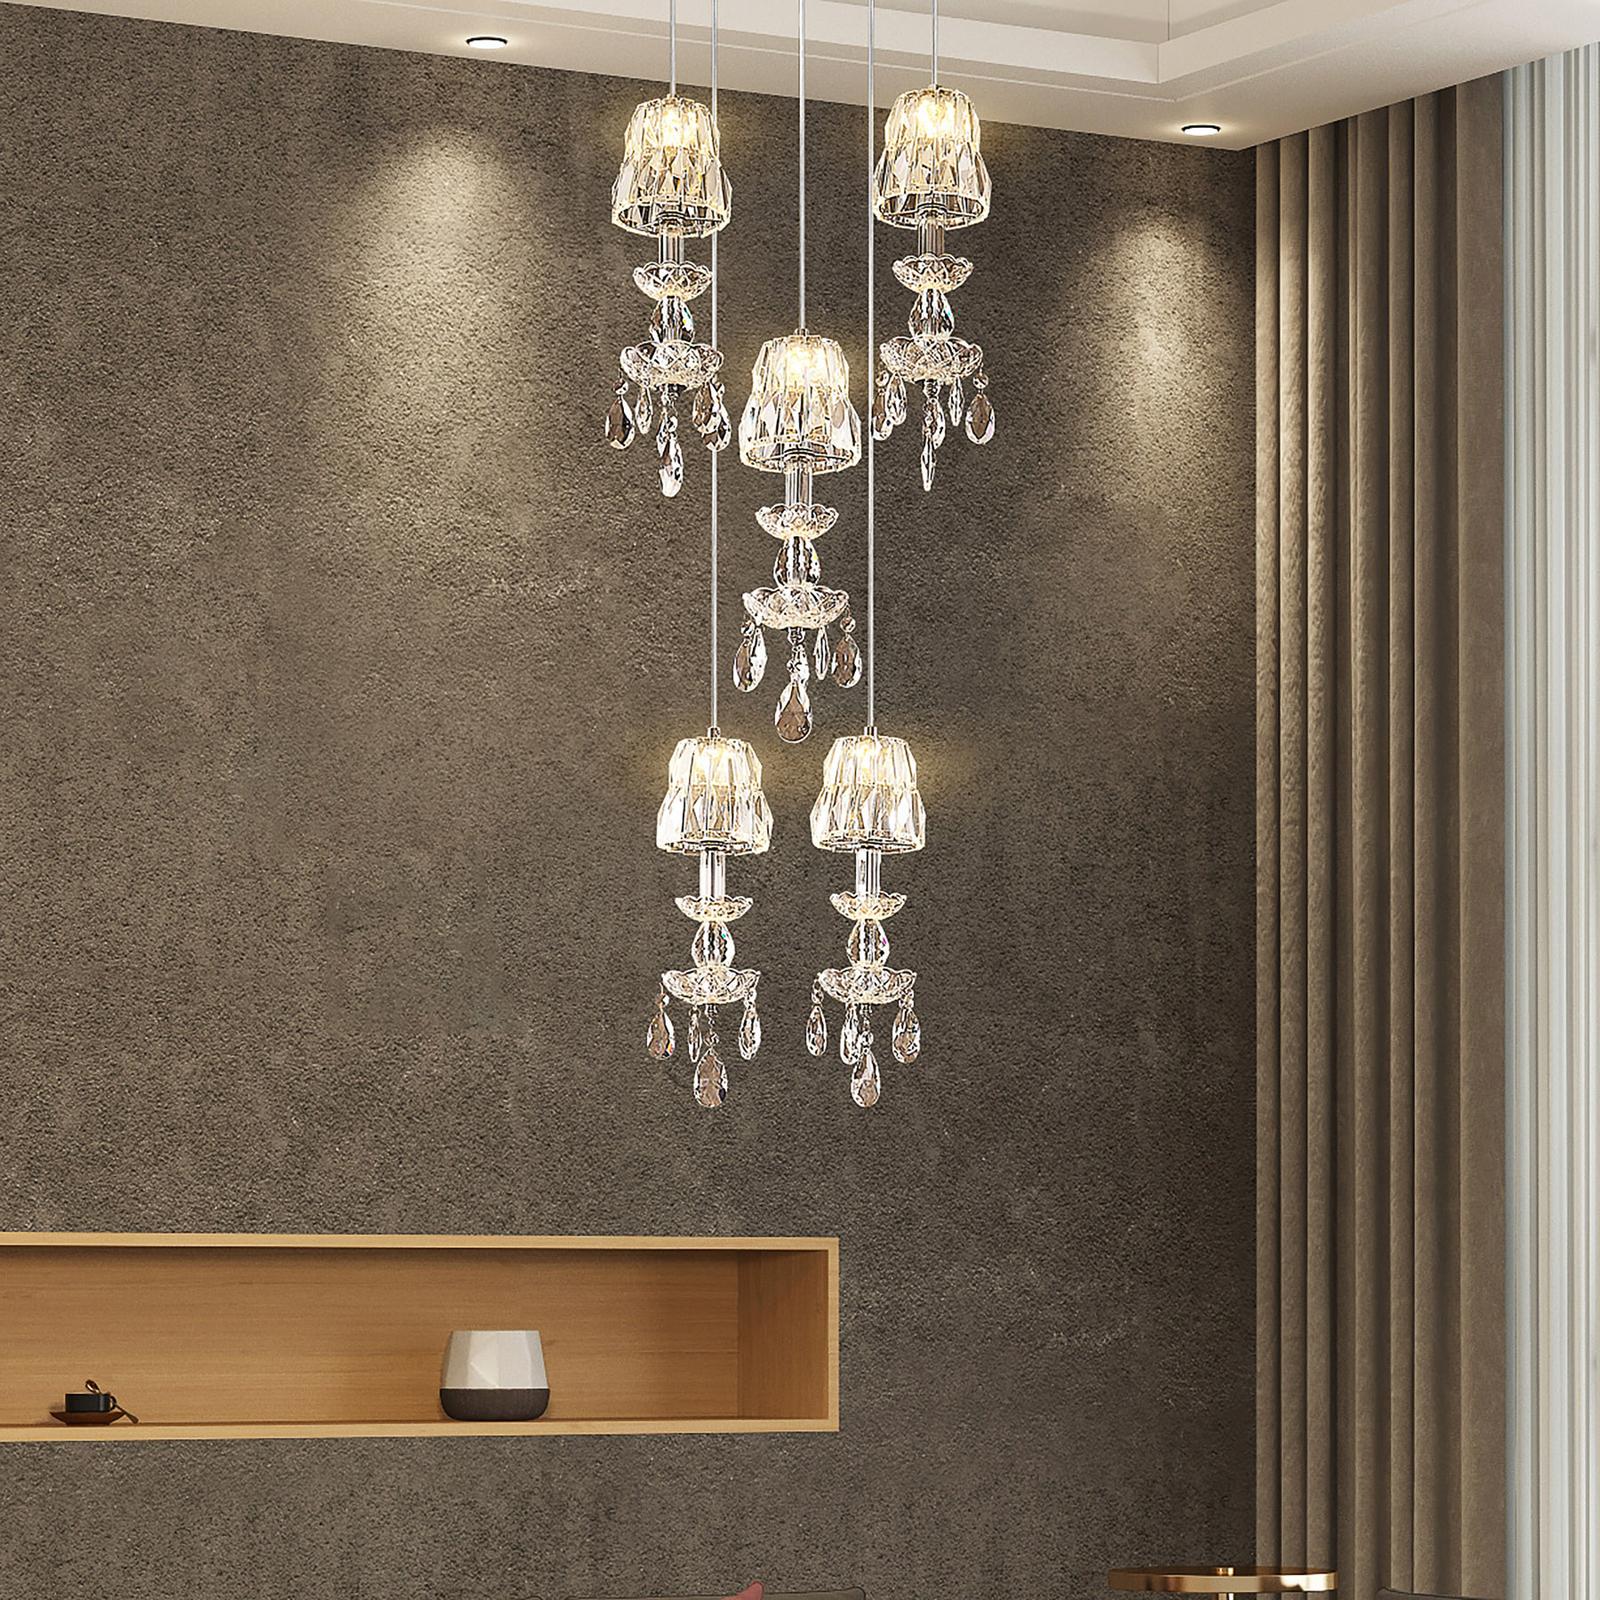 Lucande Yasanie LED-pendellampe, 5 lyskilder, rund